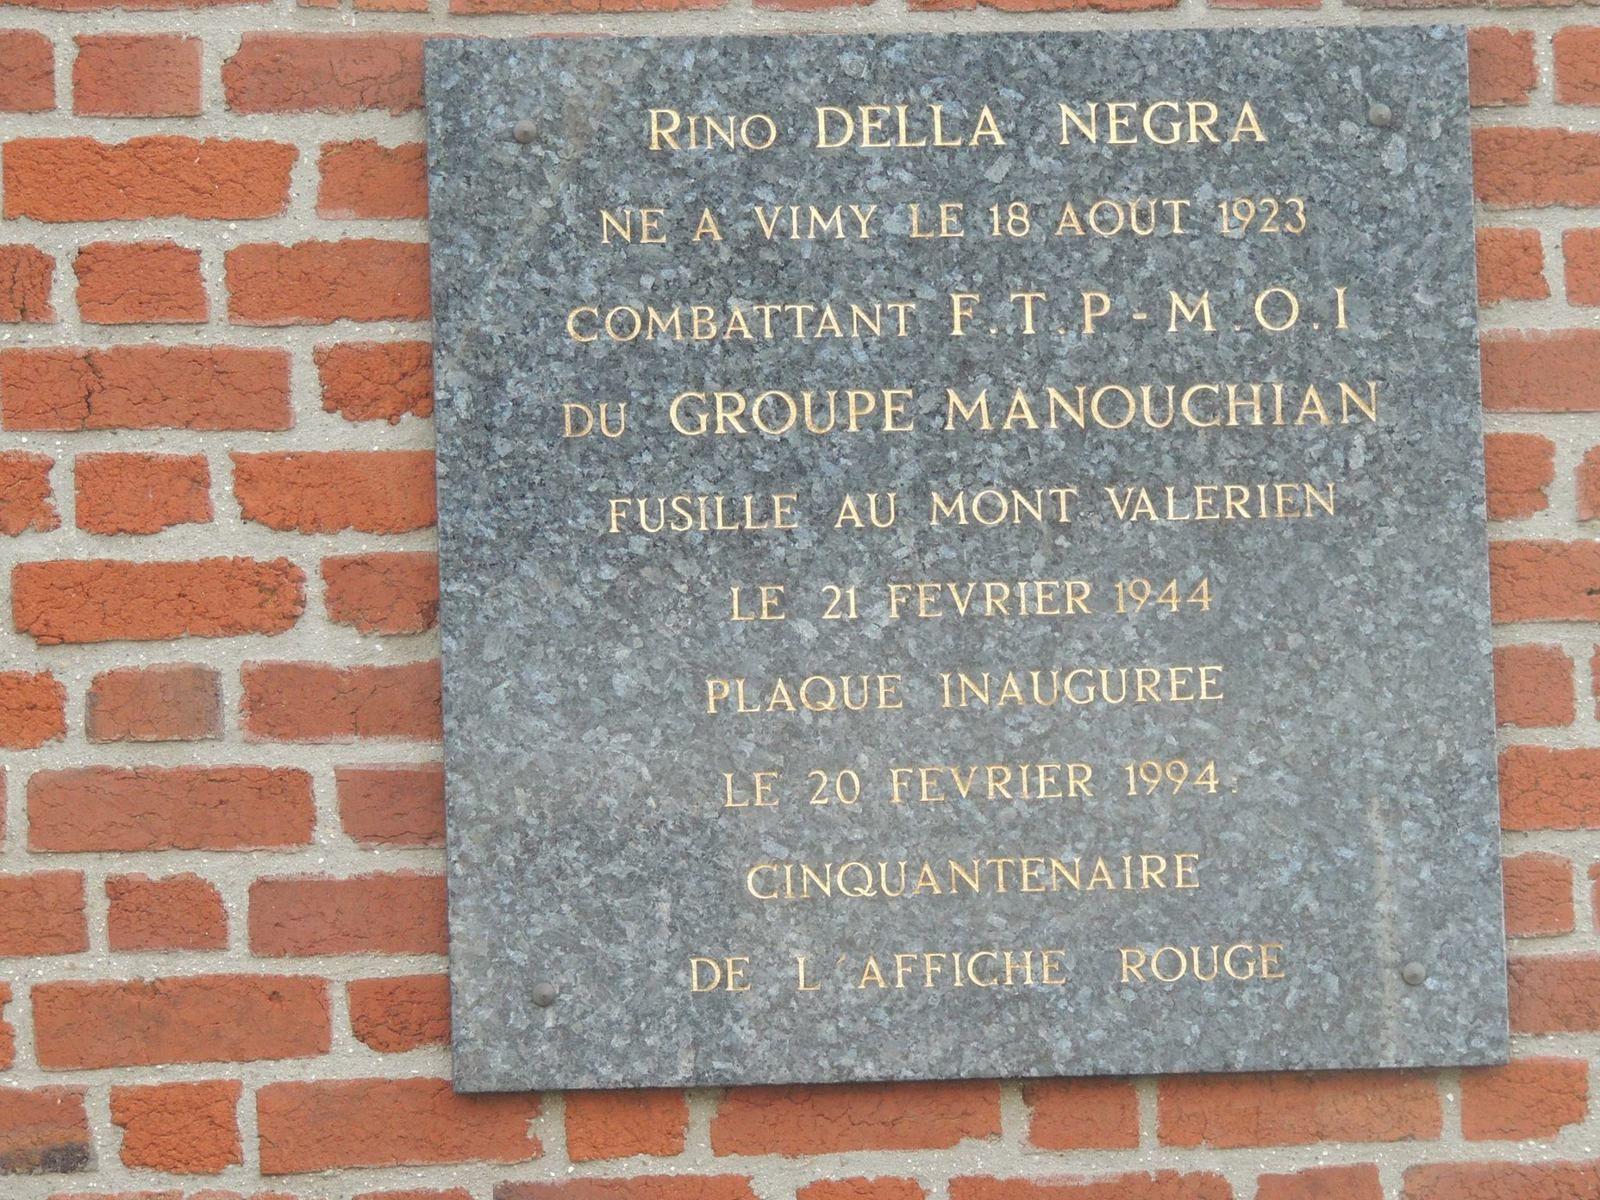 Hommage à Rino Della Negra à Vimy